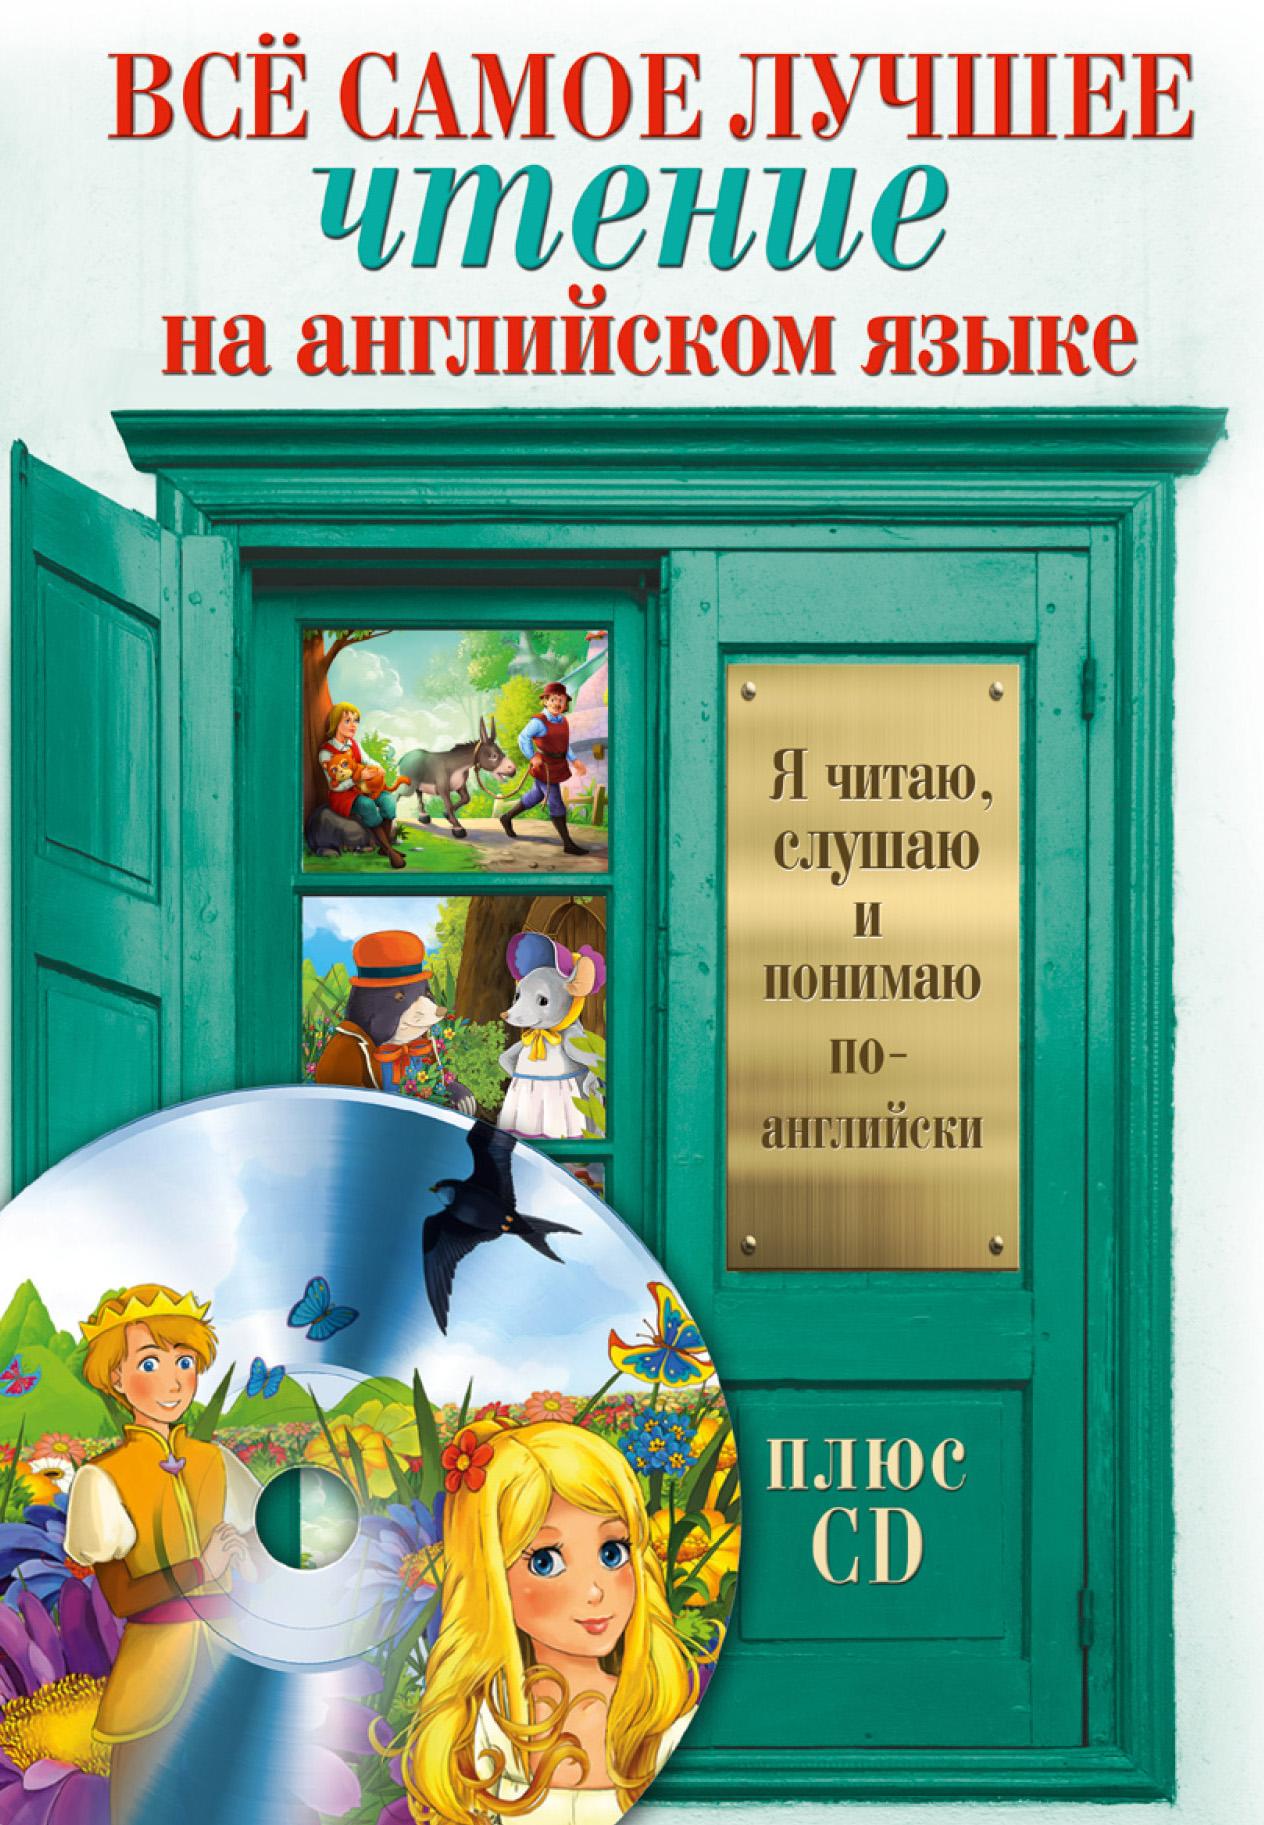 Отсутствует Всё самое лучшее чтение на английском языке. Большой сборник сказок, анекдотов и легенд (+MP3) легкое чтение на новогреческом языке сказки и легенды греции начальный уровень